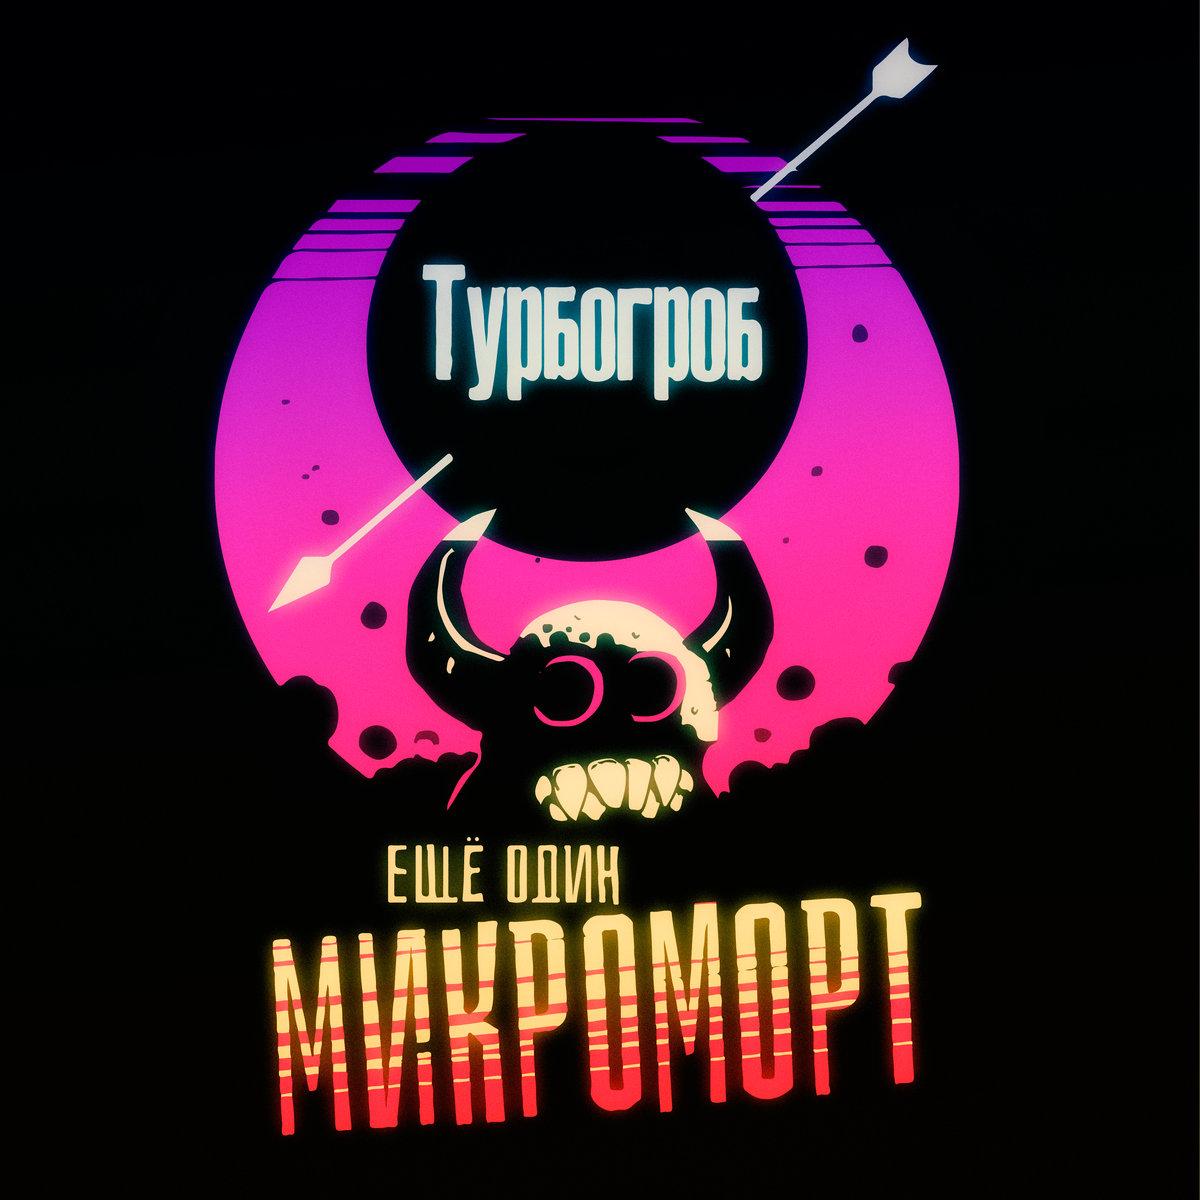 Турбогроб — Ещё один микроморт 2019